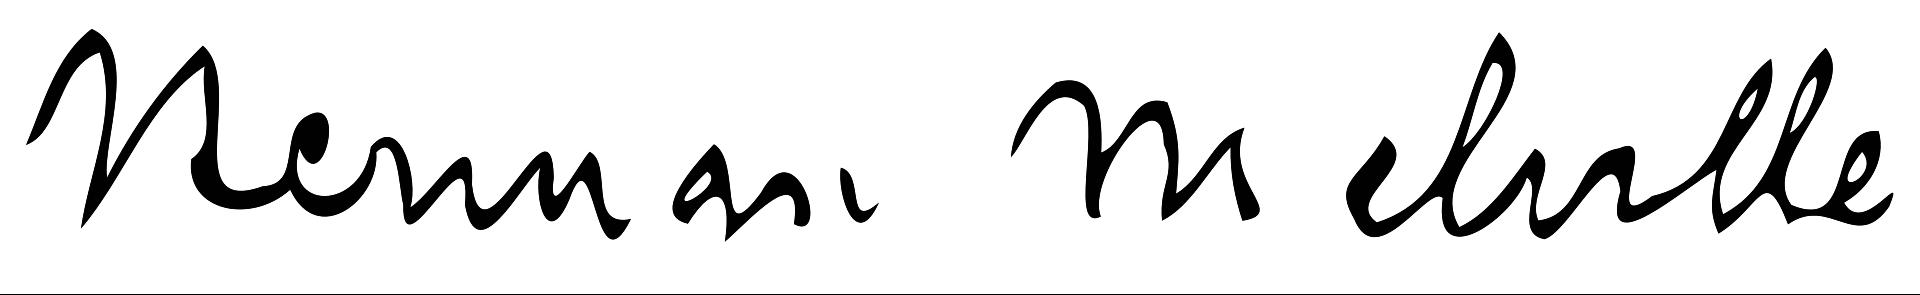 امضای هرمان ملویل